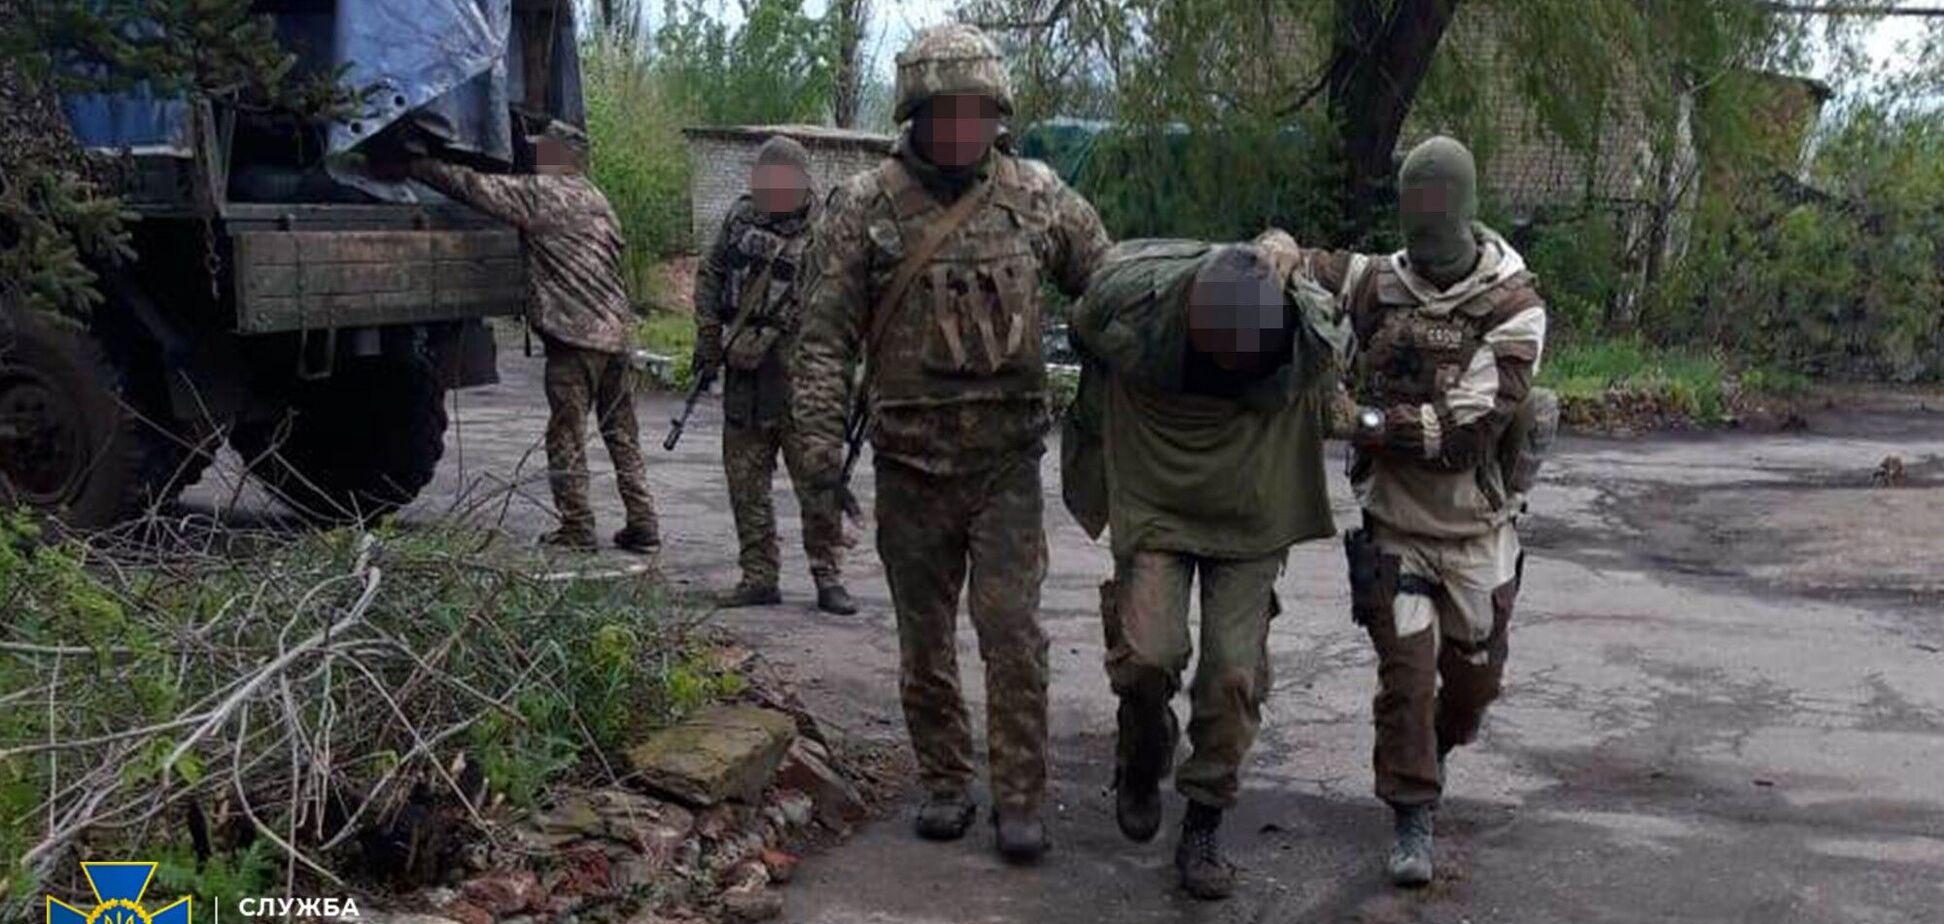 СБУ задержала разведчика 'ДНР' возле линии огня на Донбассе